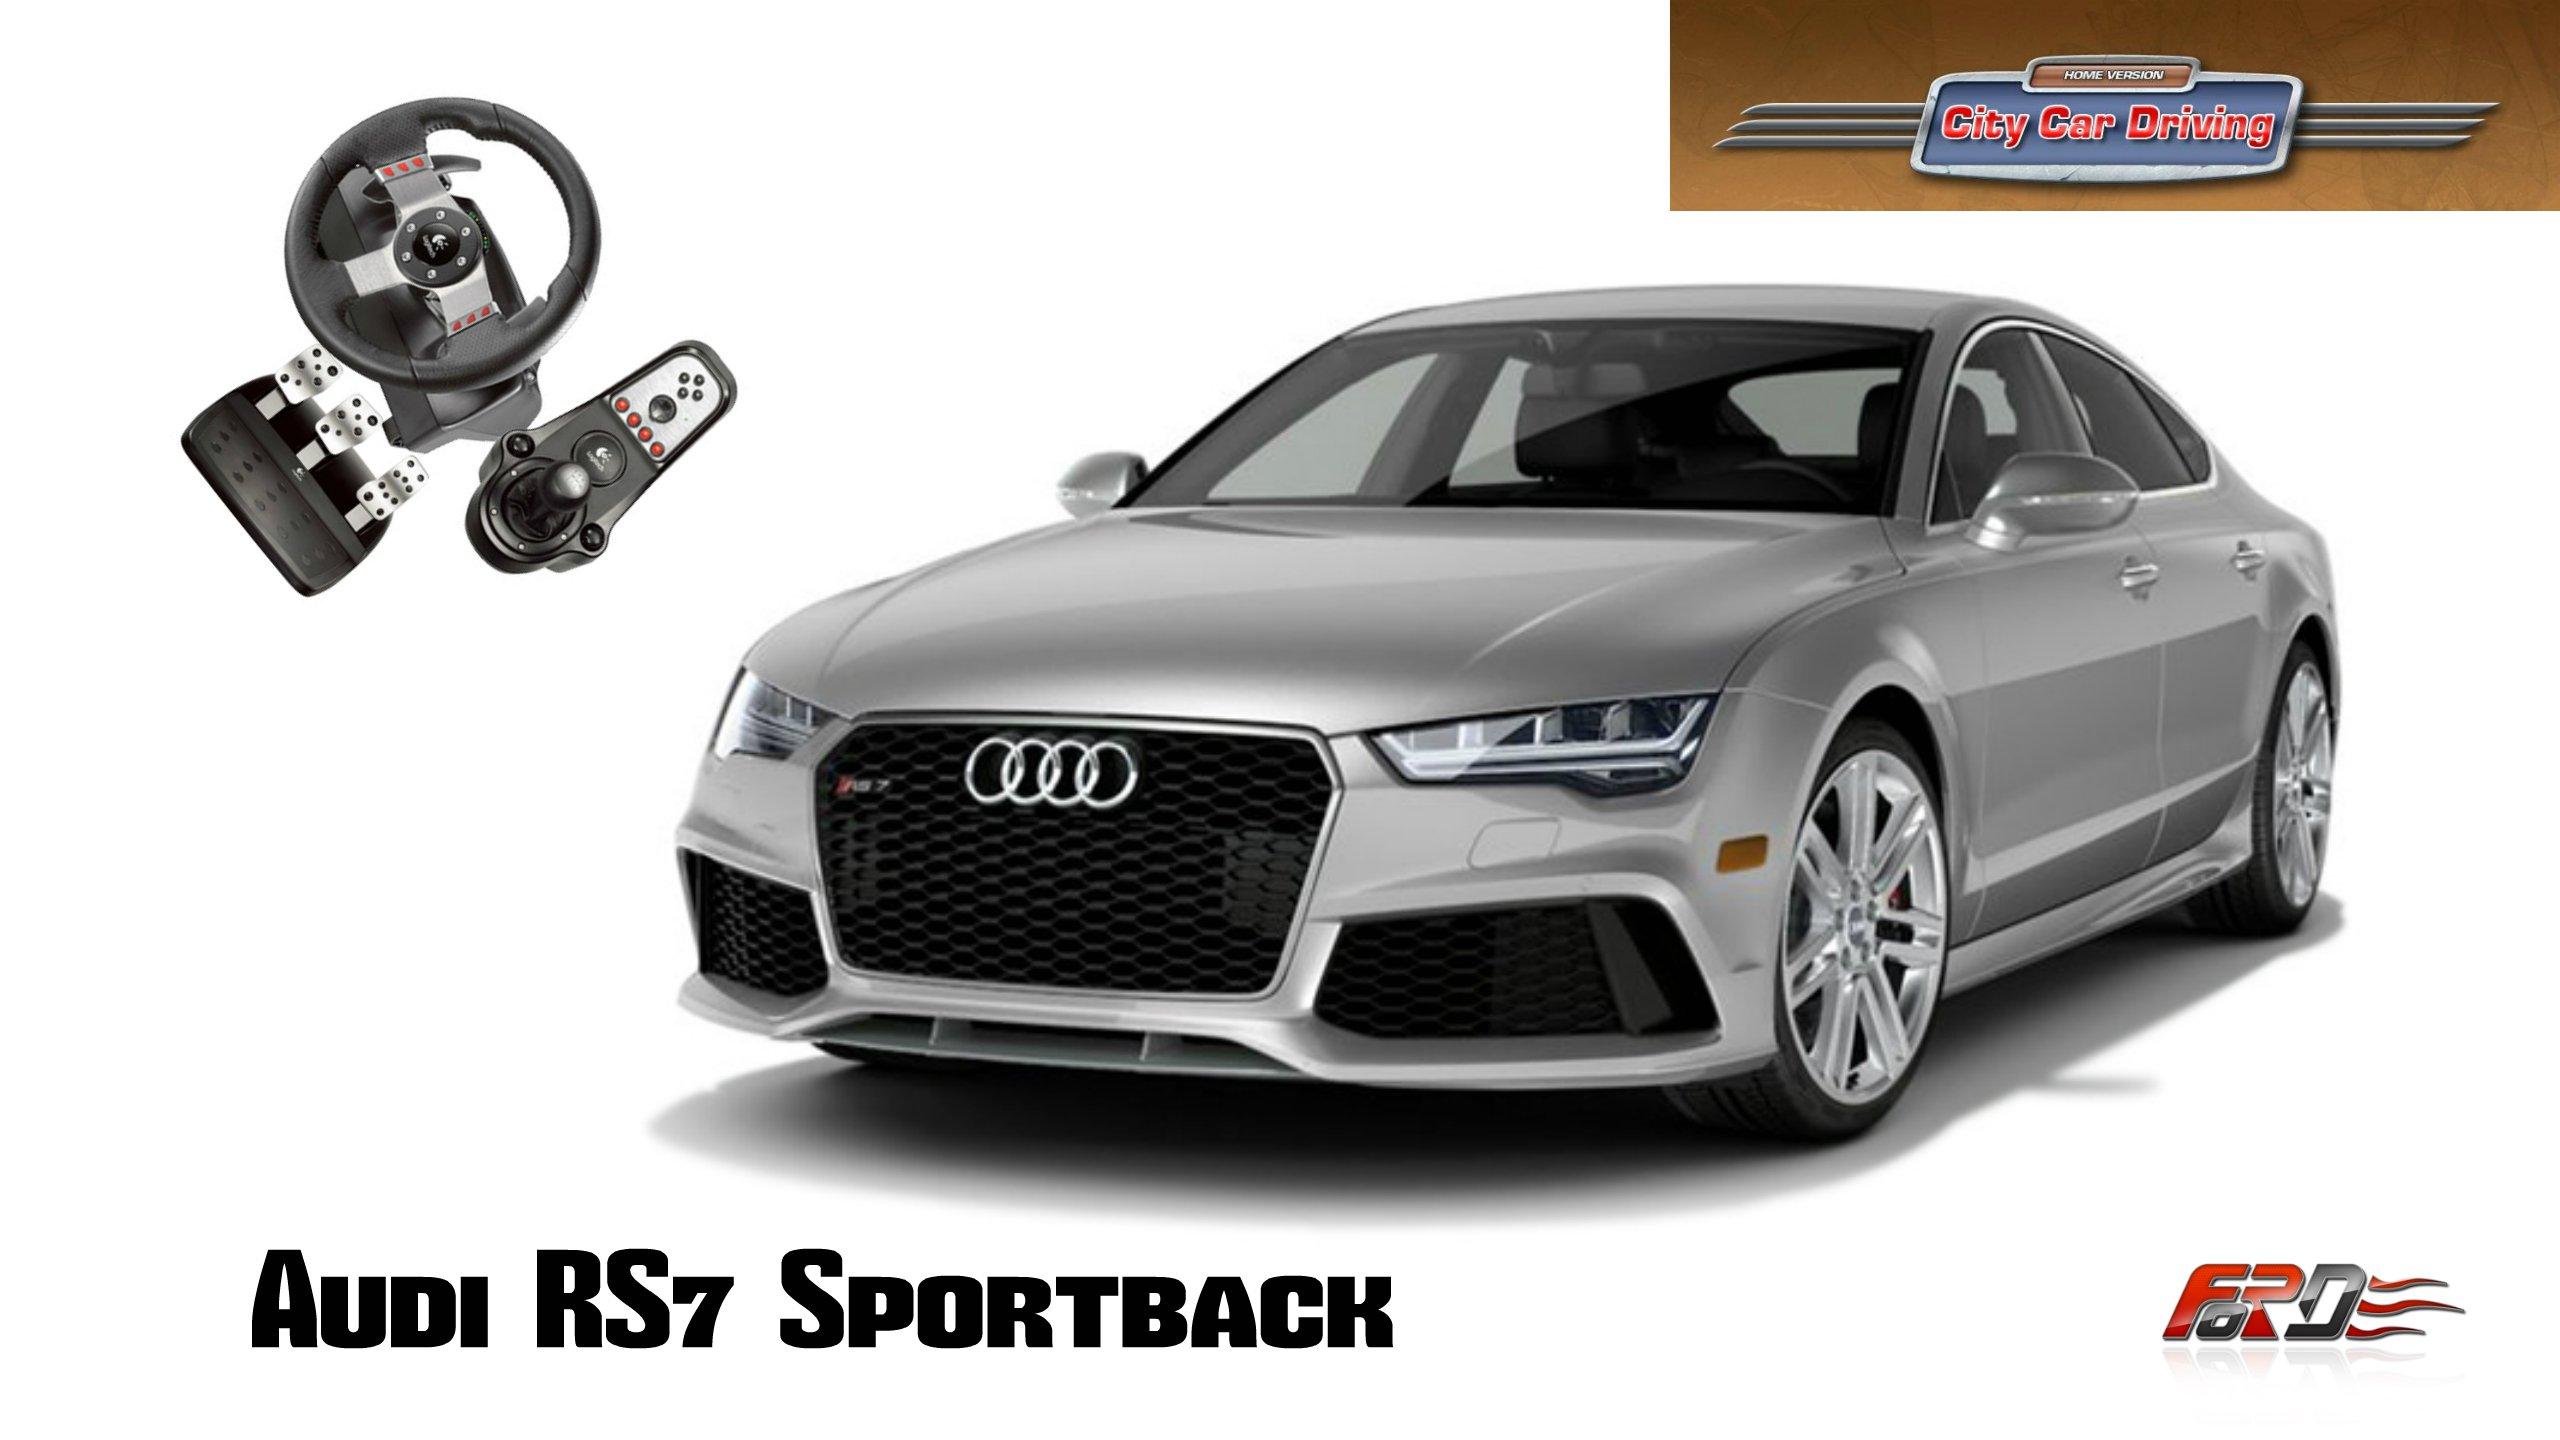 Audi RS7 Sportback (A7) - тест-драйв, обзор, разгон и максимальная скорость в City Car Driving - Изображение 1